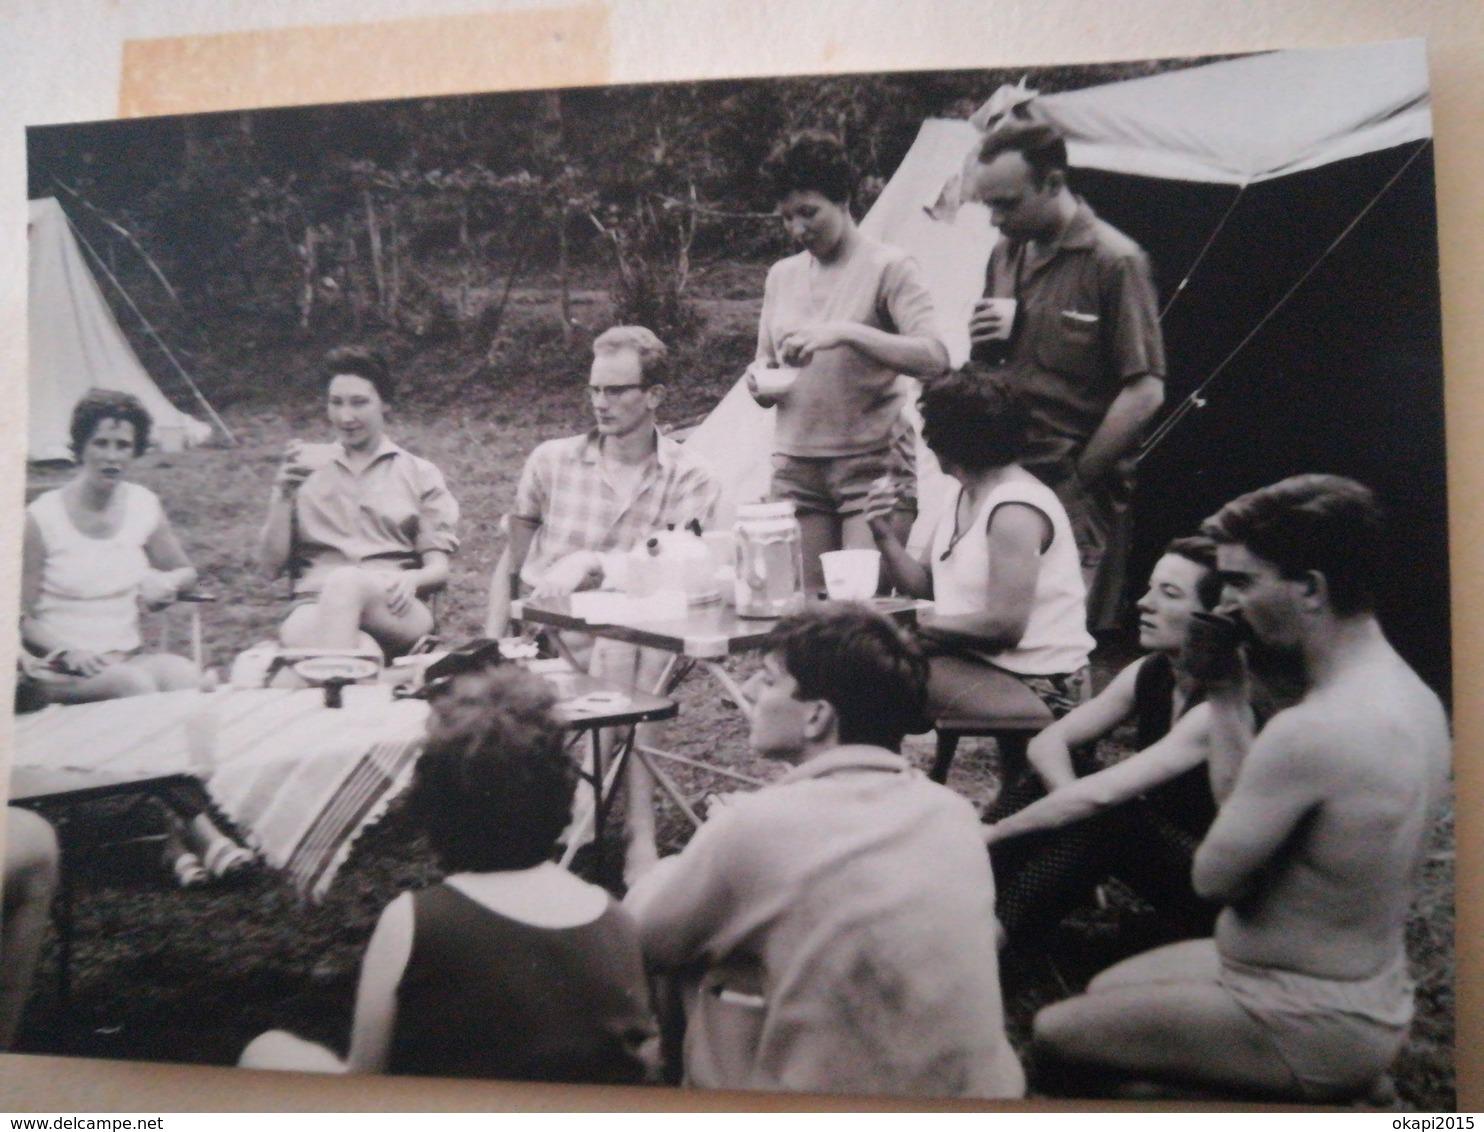 GROUPE DE PERSONNES DU CERCLE JULIEN NAESSENS BUDO Arts Martiaux CAMP ACHOUFFE BELGIQUE 80 PHOTOS ORIGINALES ANNÉE 1962 - Personnes Identifiées